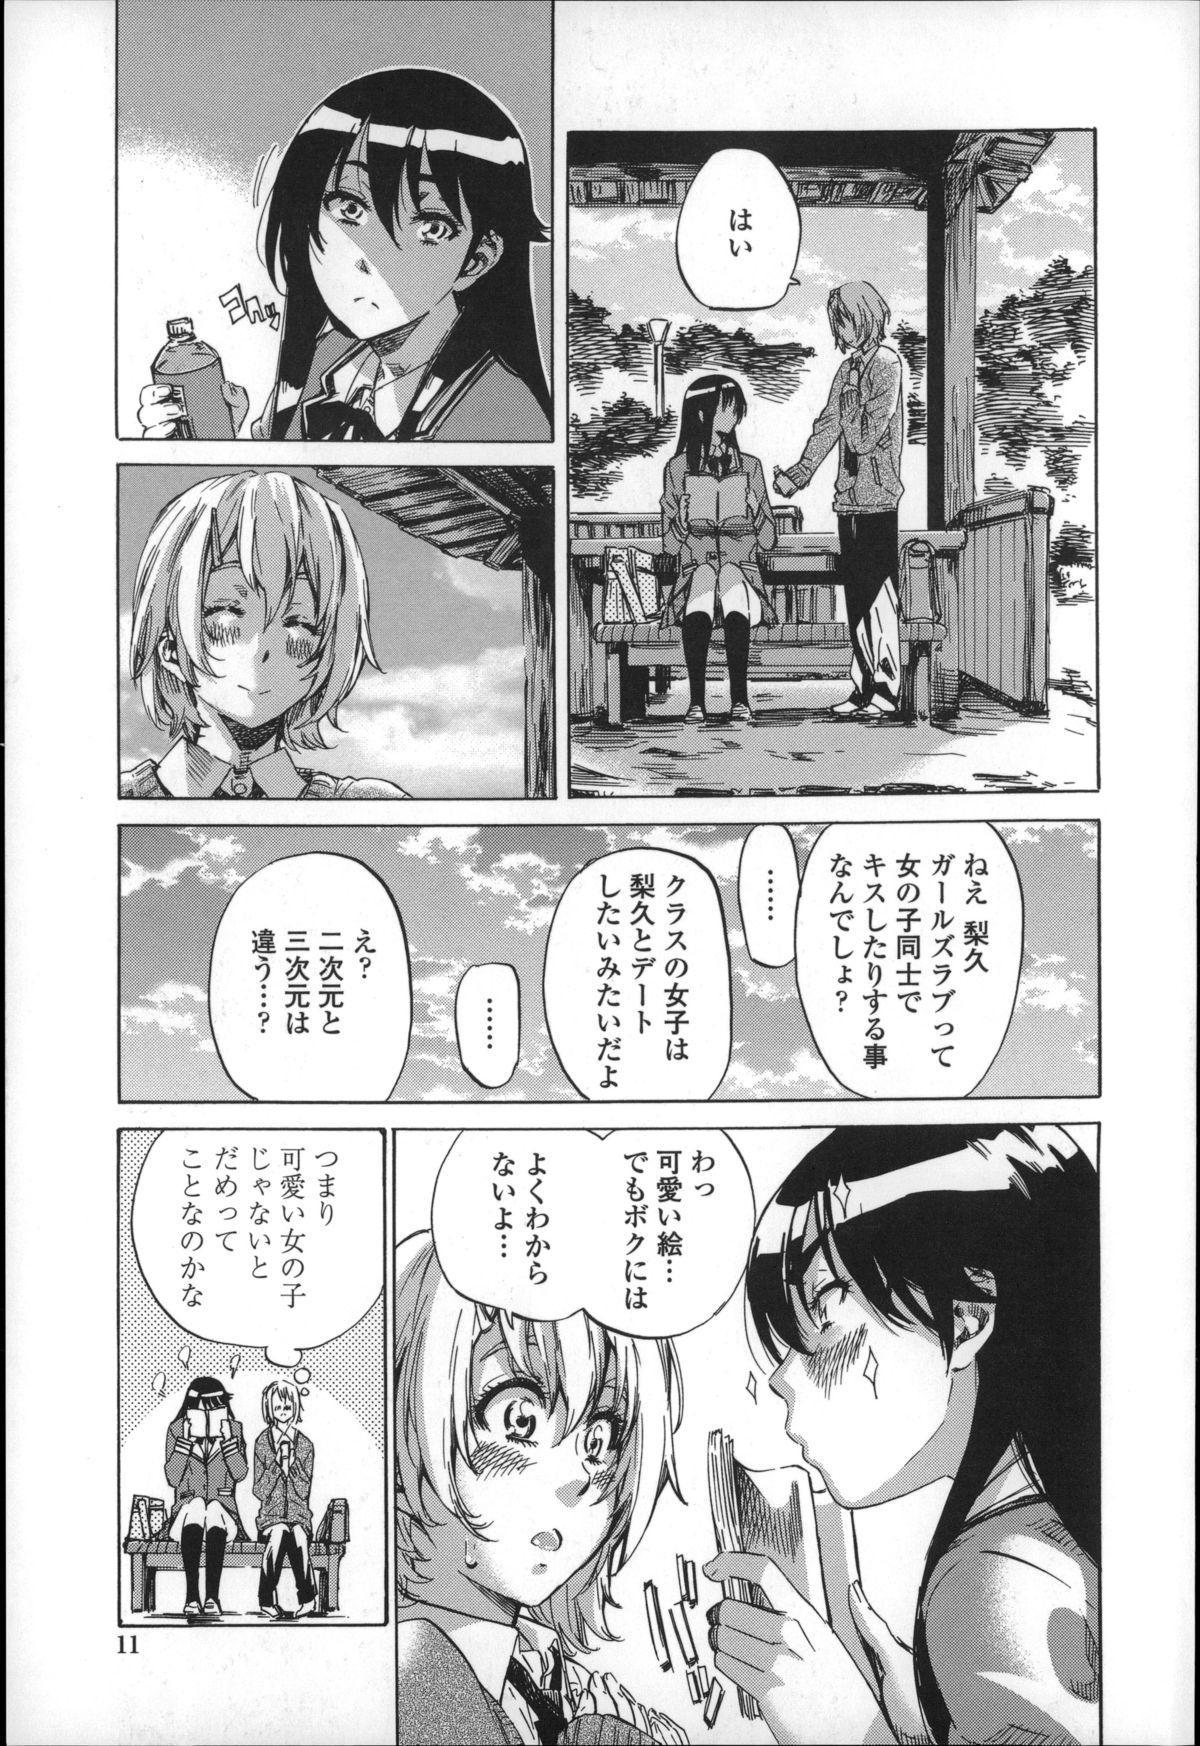 Choushin de Mukuchi no Kanojo ga Hatsujou Shite Kitara Eroiyo ne? 10